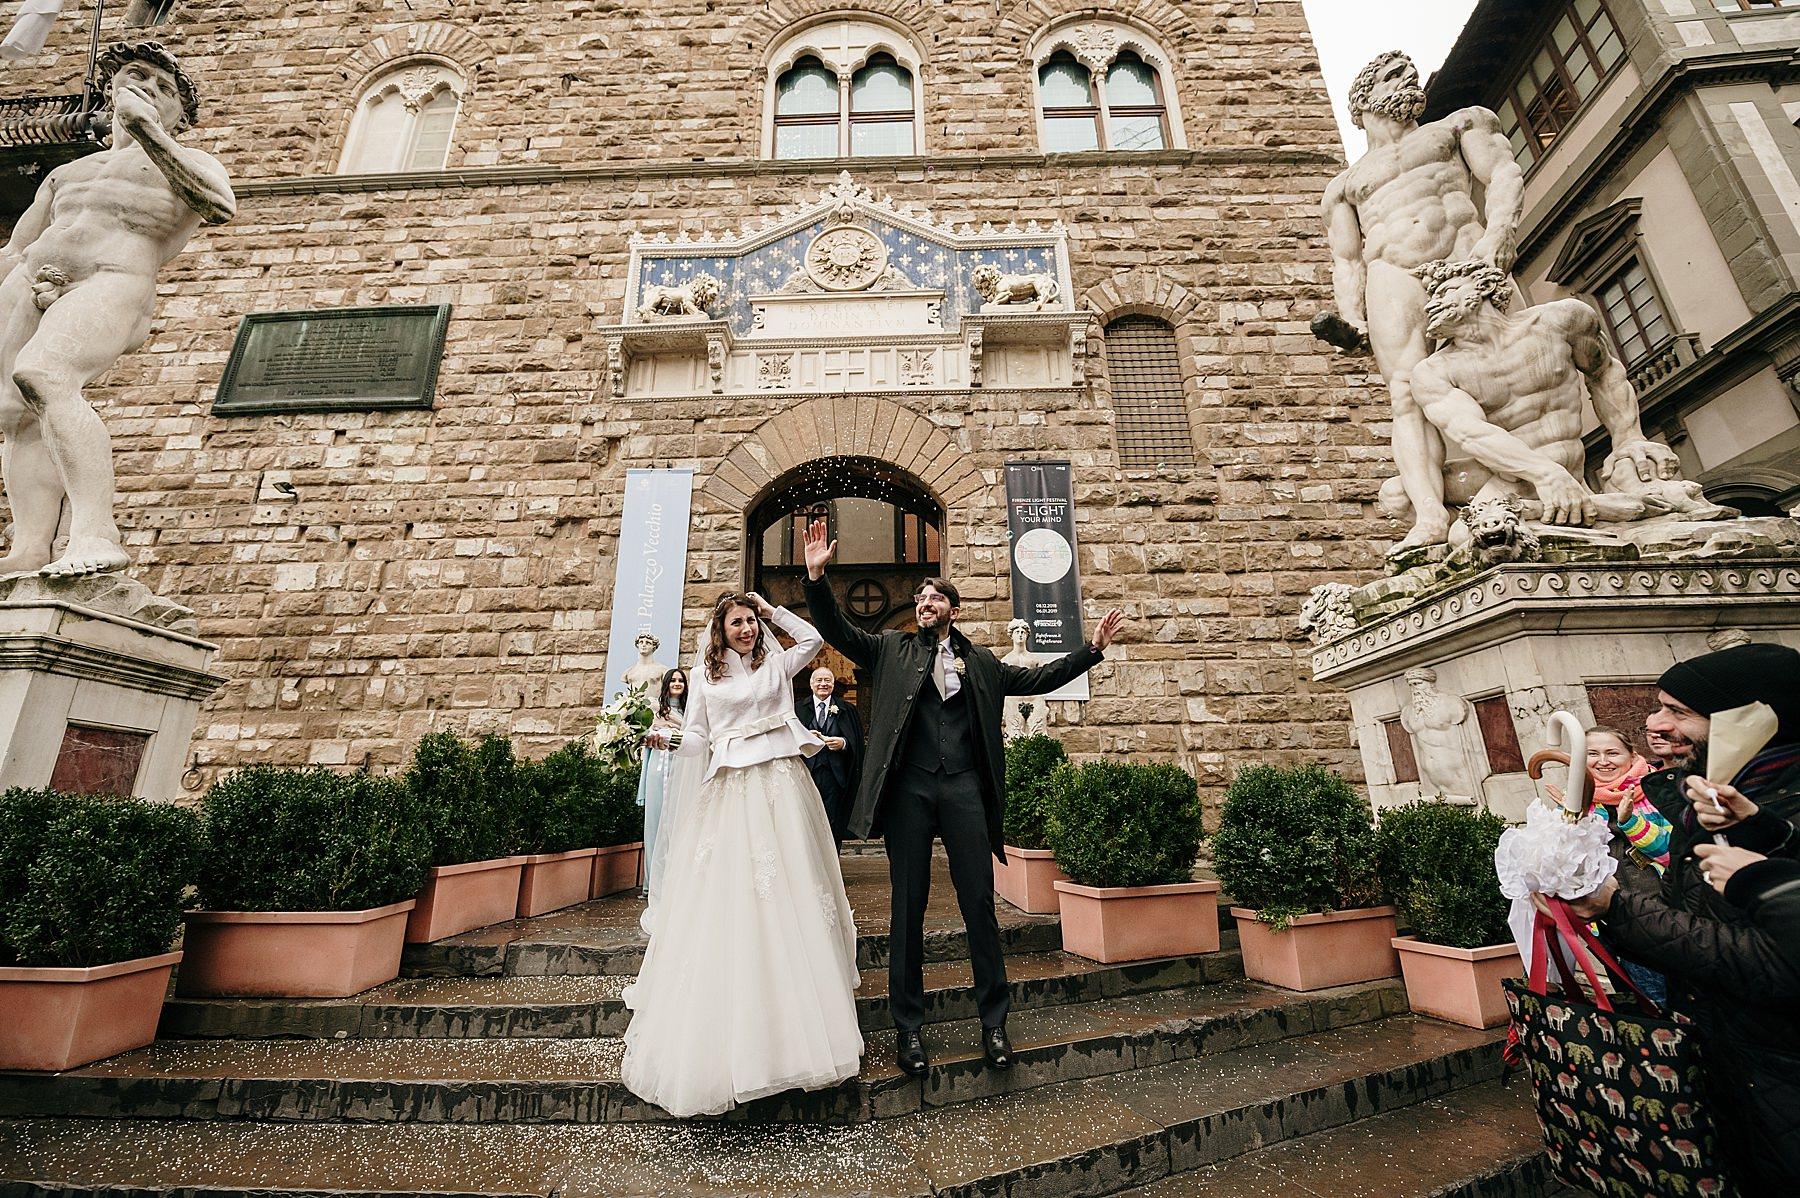 fotografia-di-matrimonio-a-firenze-in-inverno-758.JPG